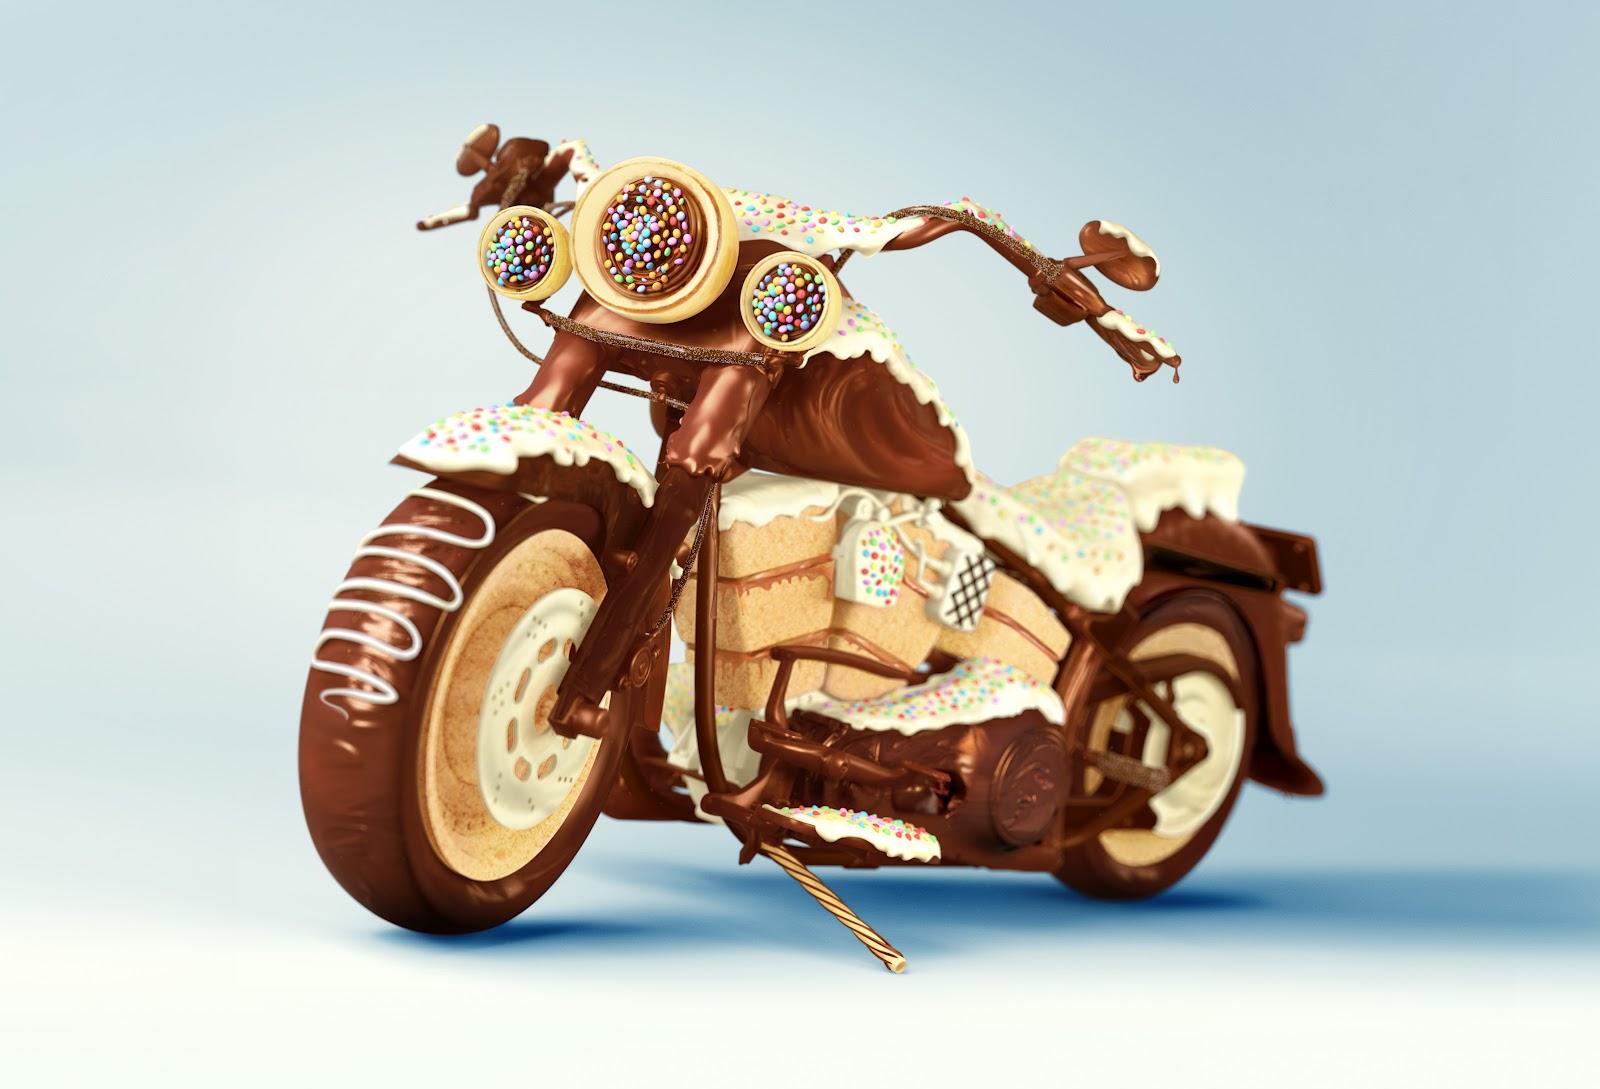 moto_chocolate